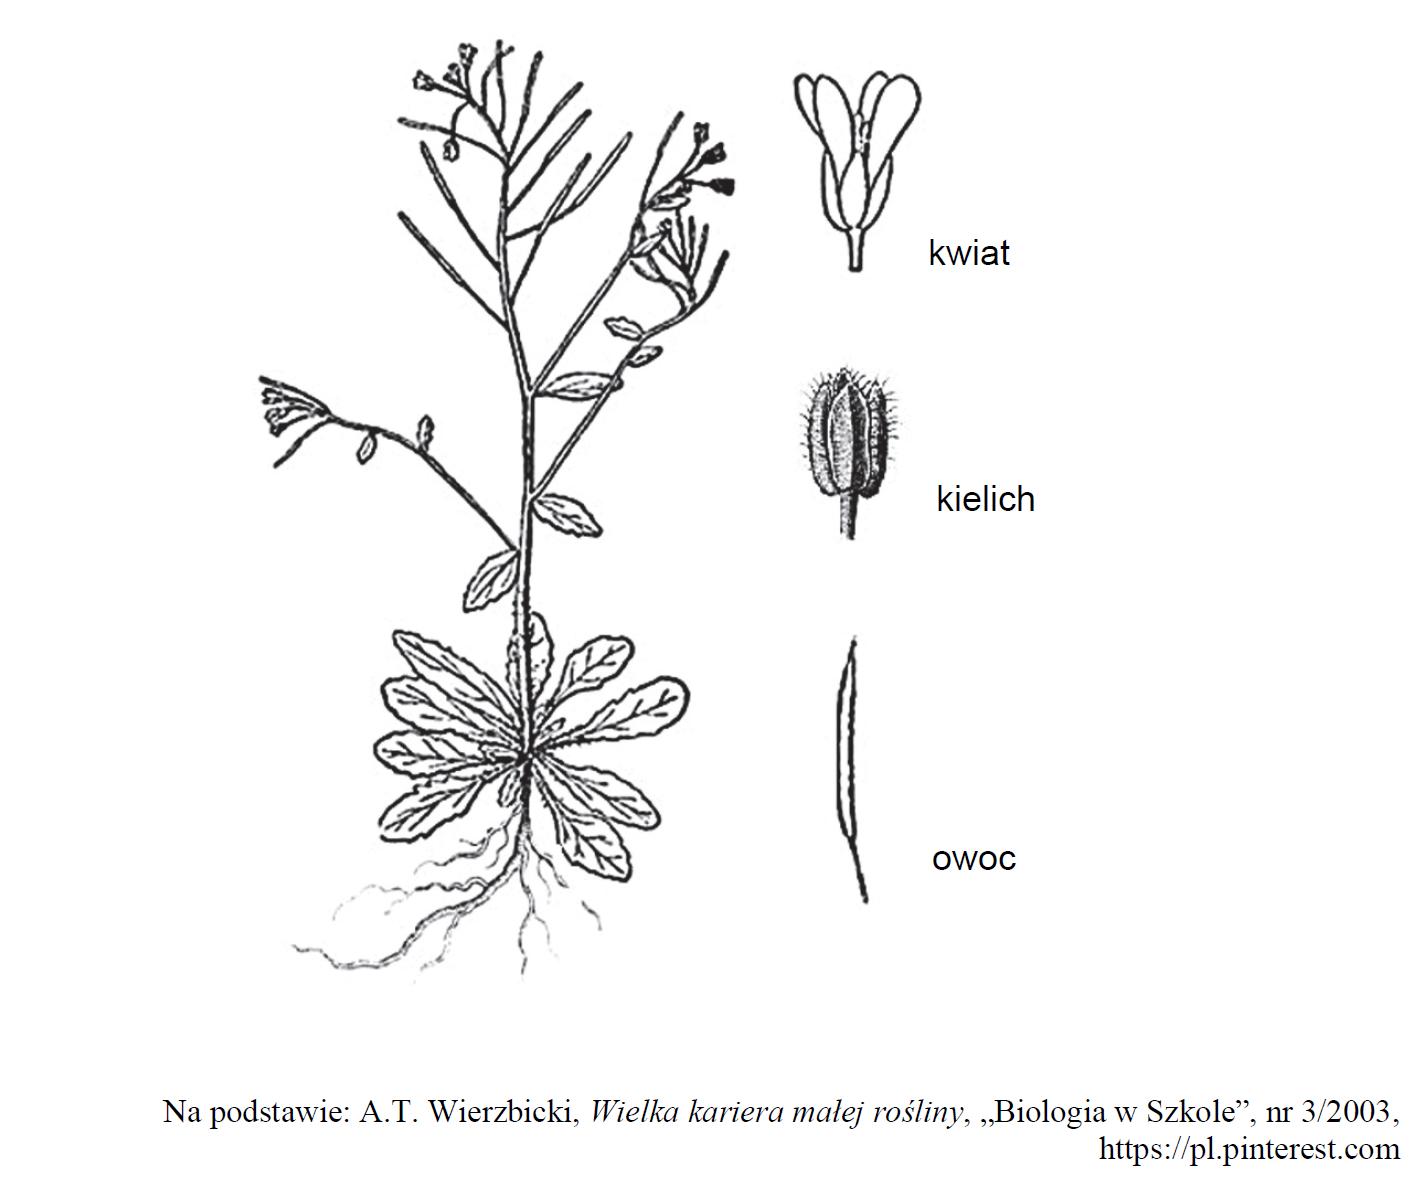 Kwiat, kielich i owoc. Klasa roślin okrytonasiennych.